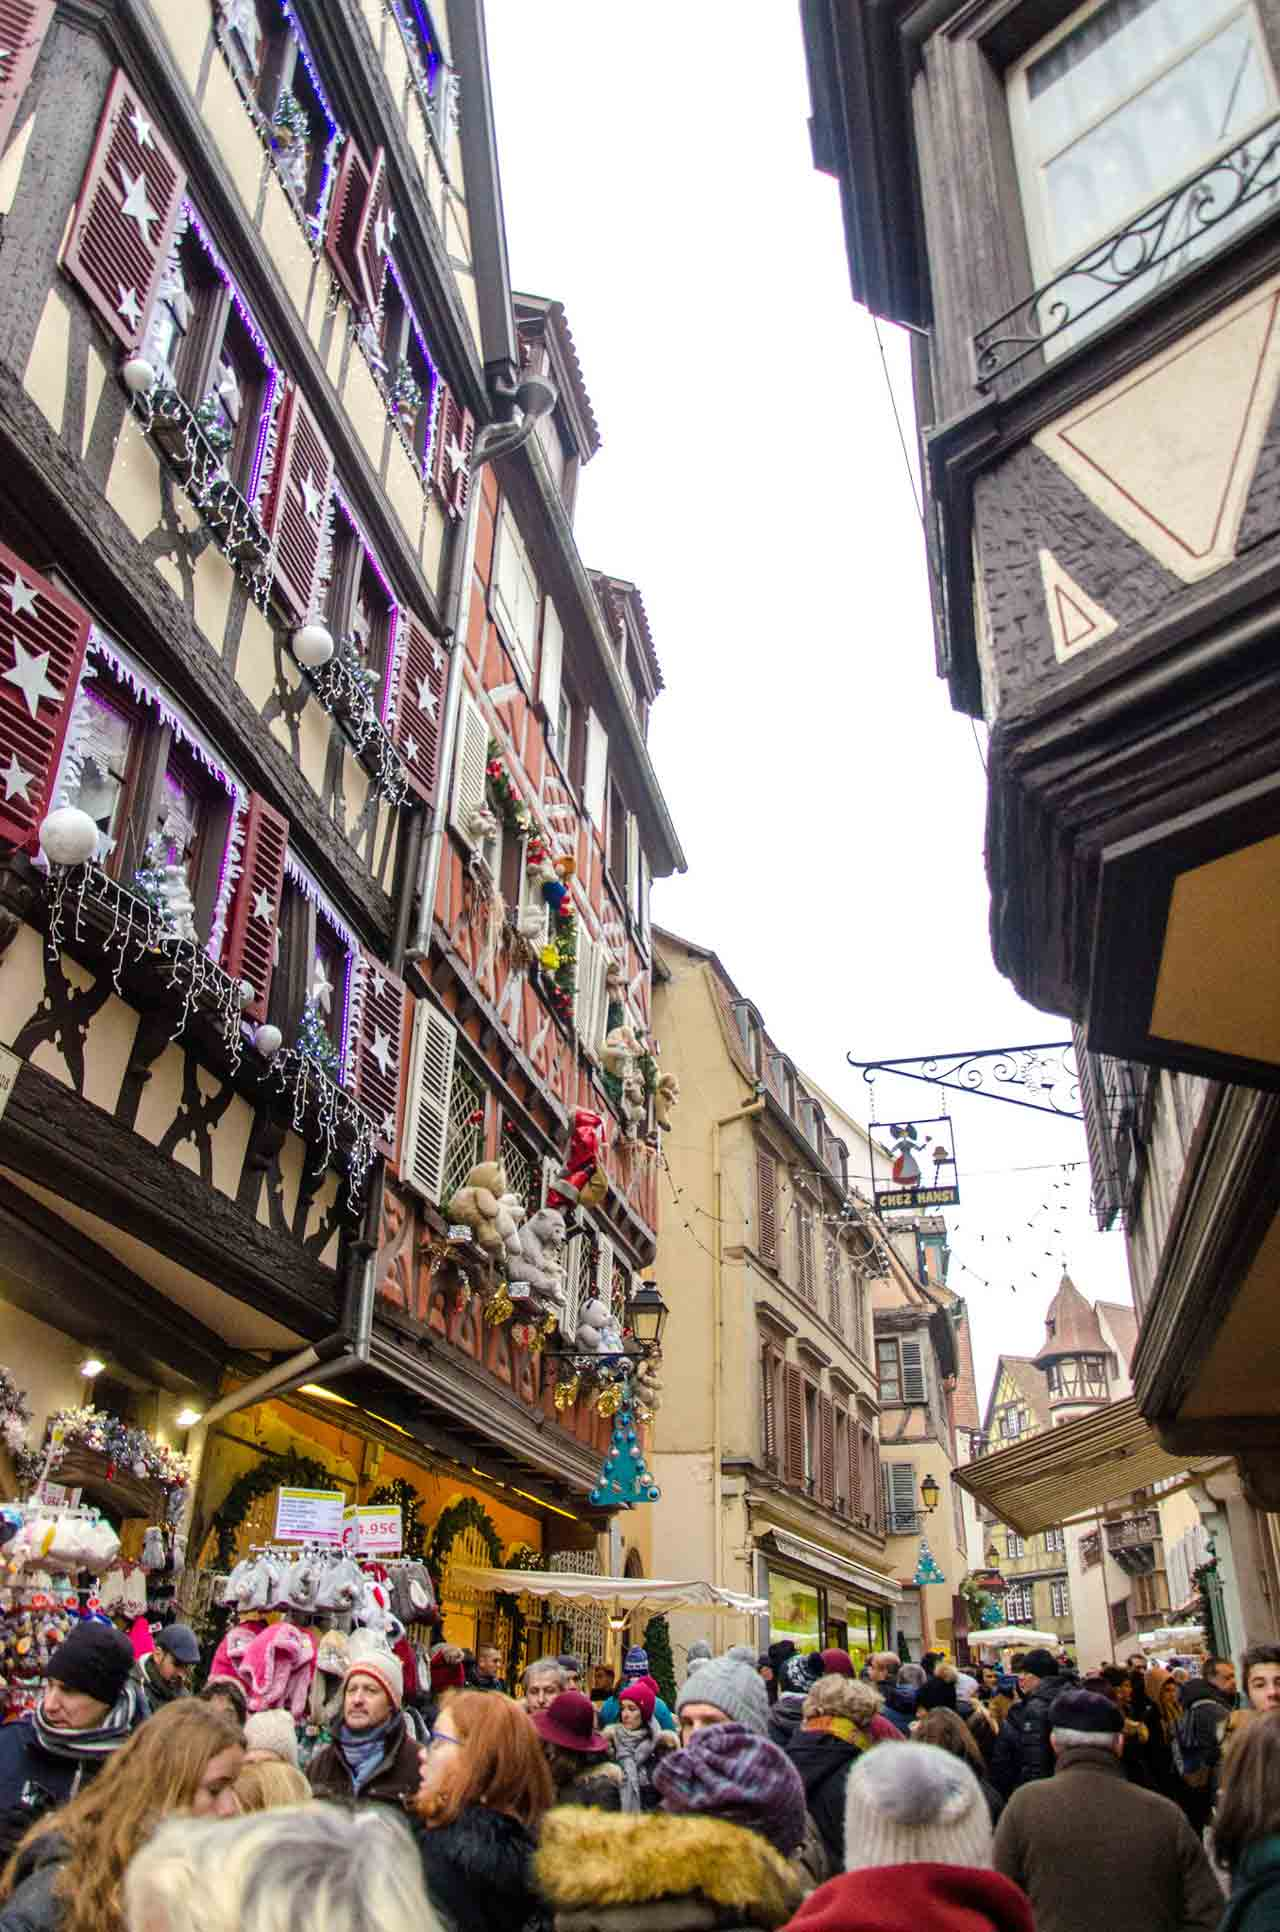 Le marché de Noël Alsacien de la gare de l'Est